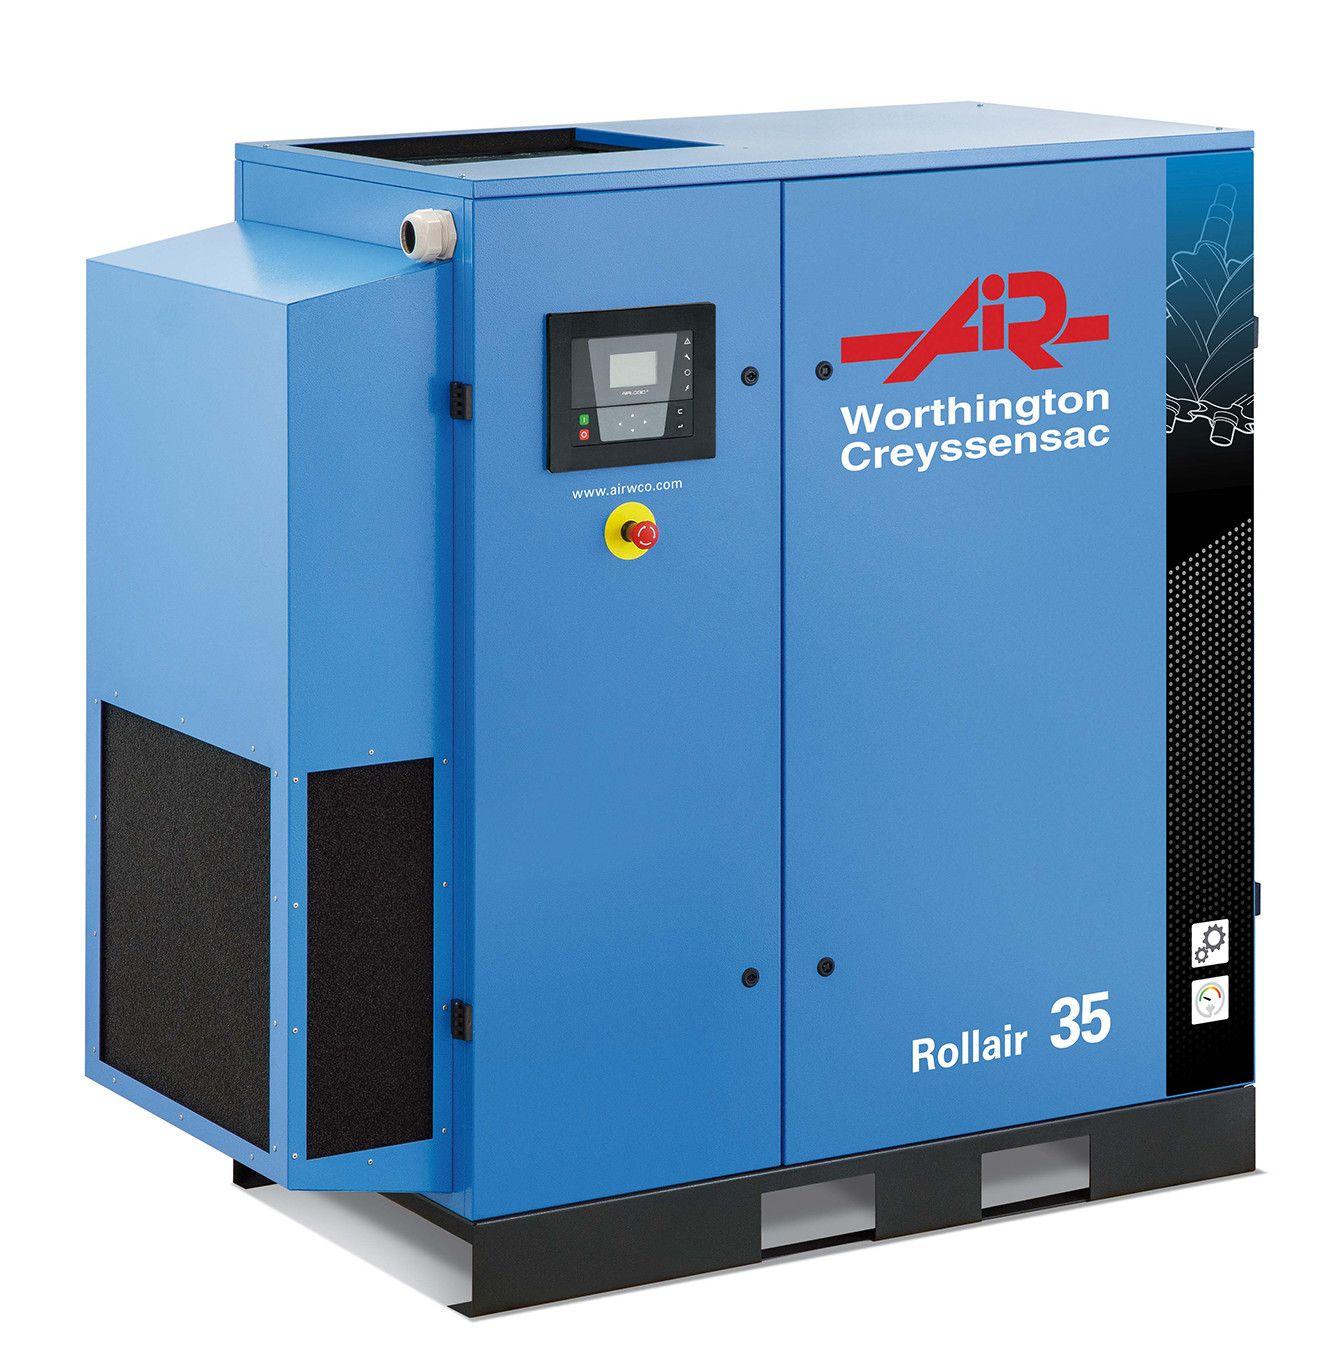 Une gamme de compresseurs à vis innovante de 30 à 50 ch pour les industries